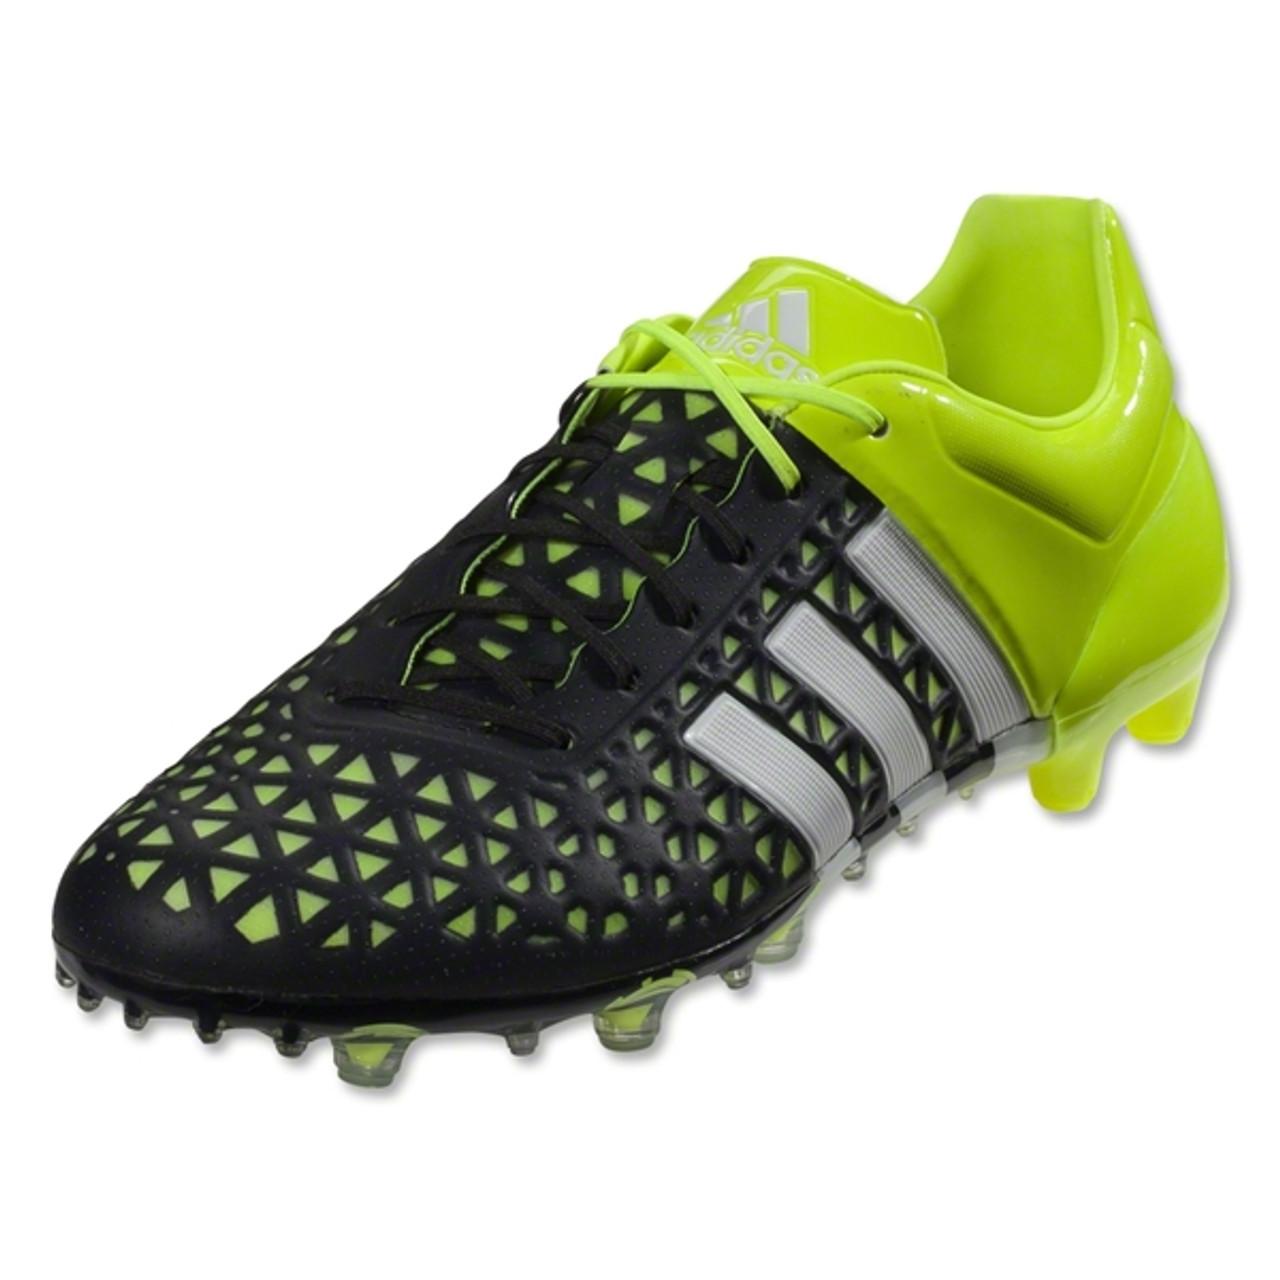 Adidas Ace 15.1 FG AG - Yellow - Soccer City 5a2b315a1